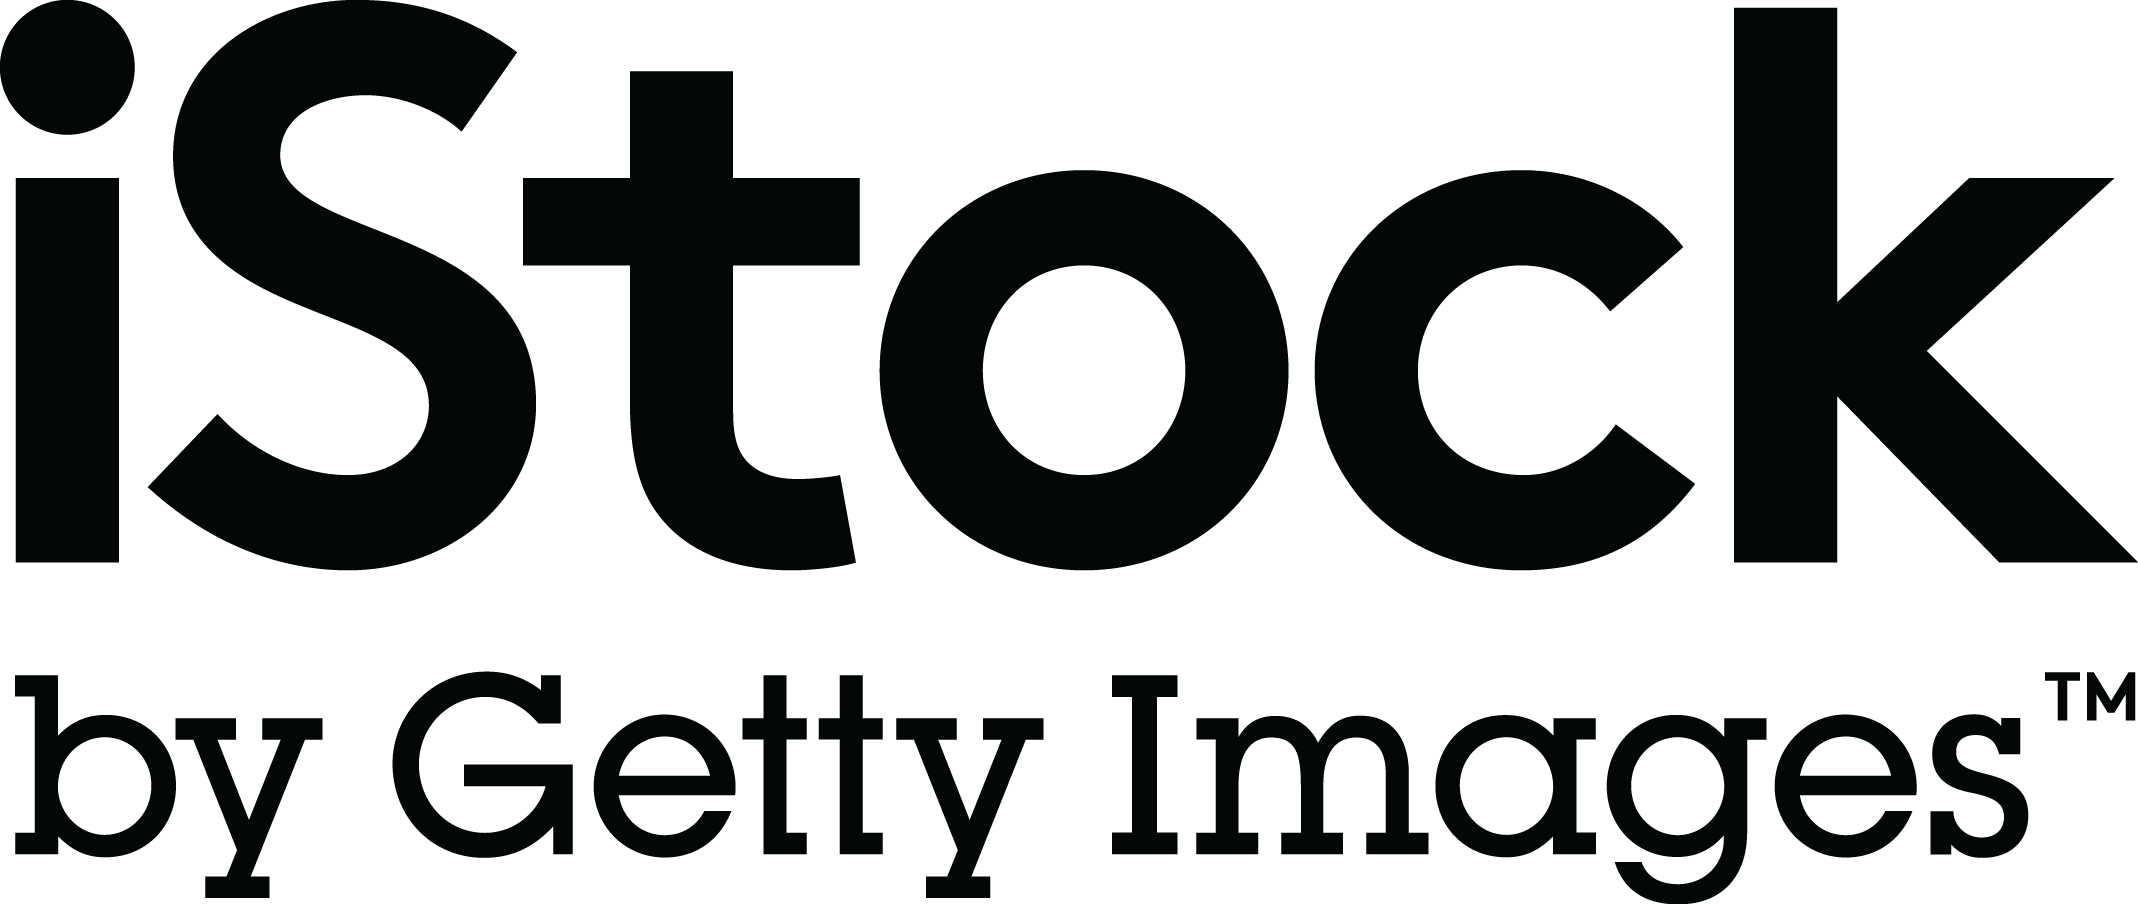 iStock 標誌